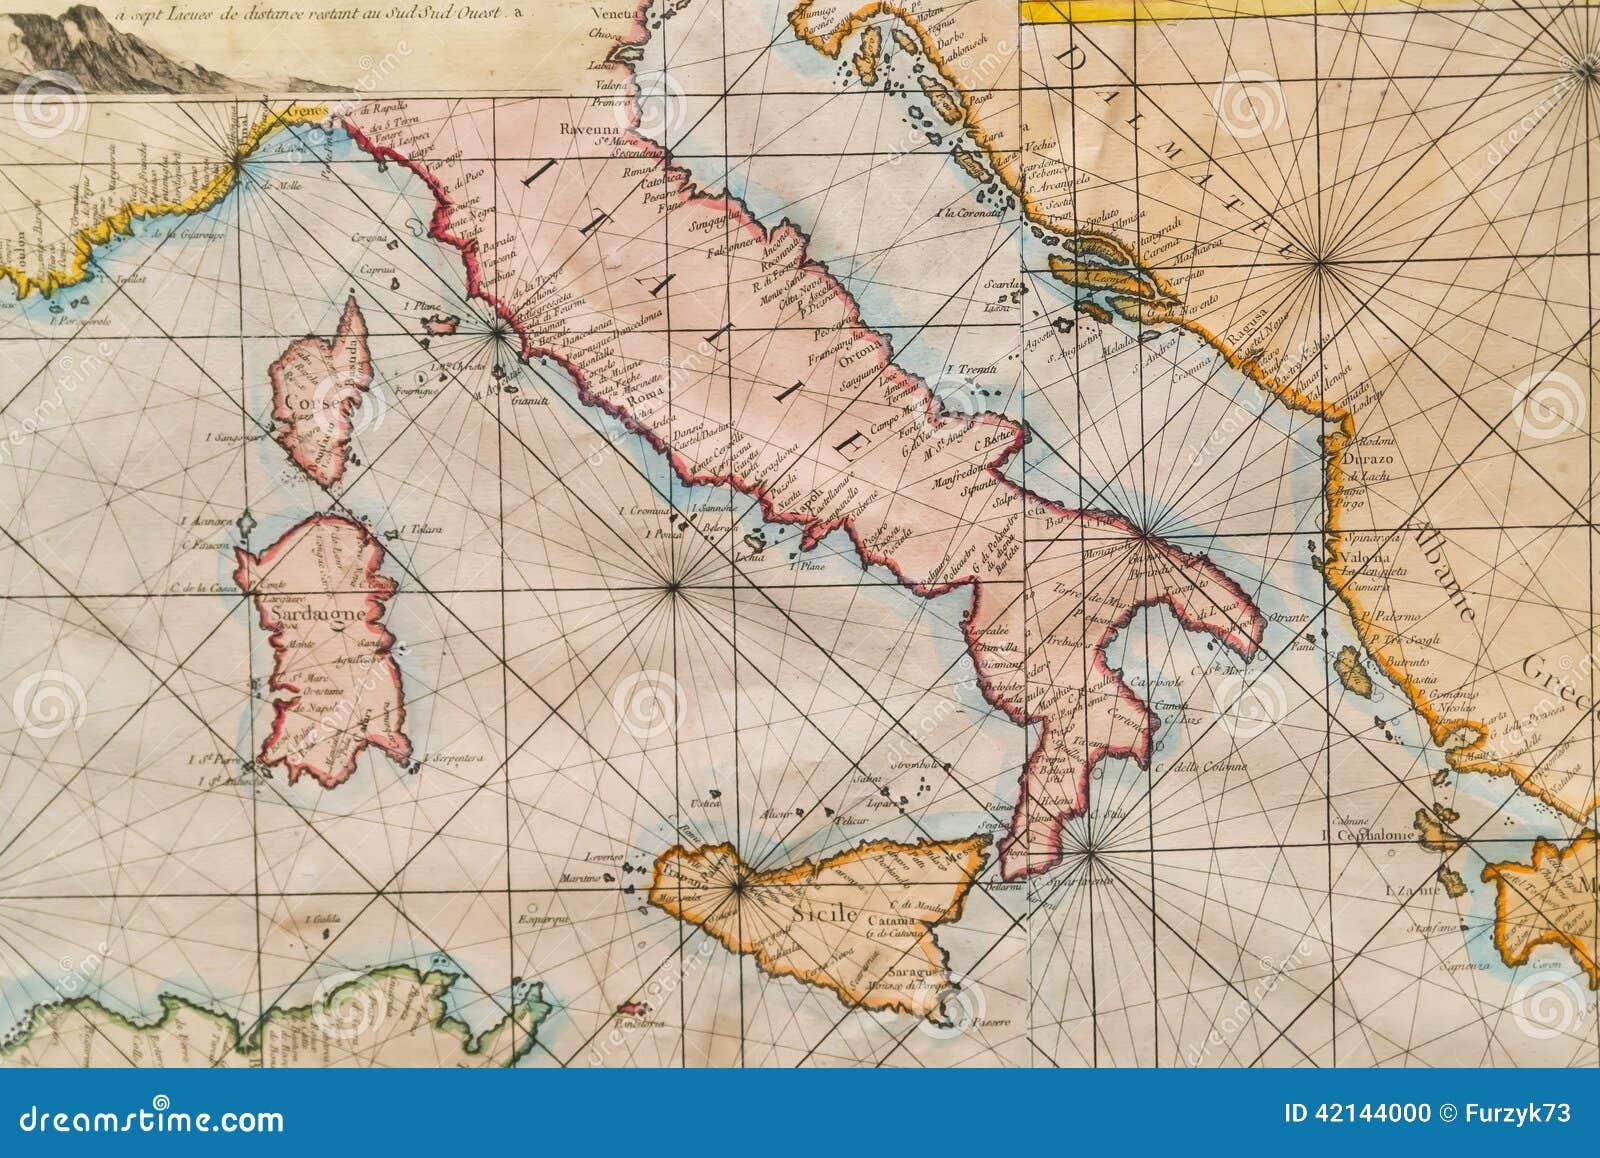 Παλαιός χάρτης της Ιταλίας, της Σικελίας, της Κορσικής, της Κροατίας και της Σαρδηνίας